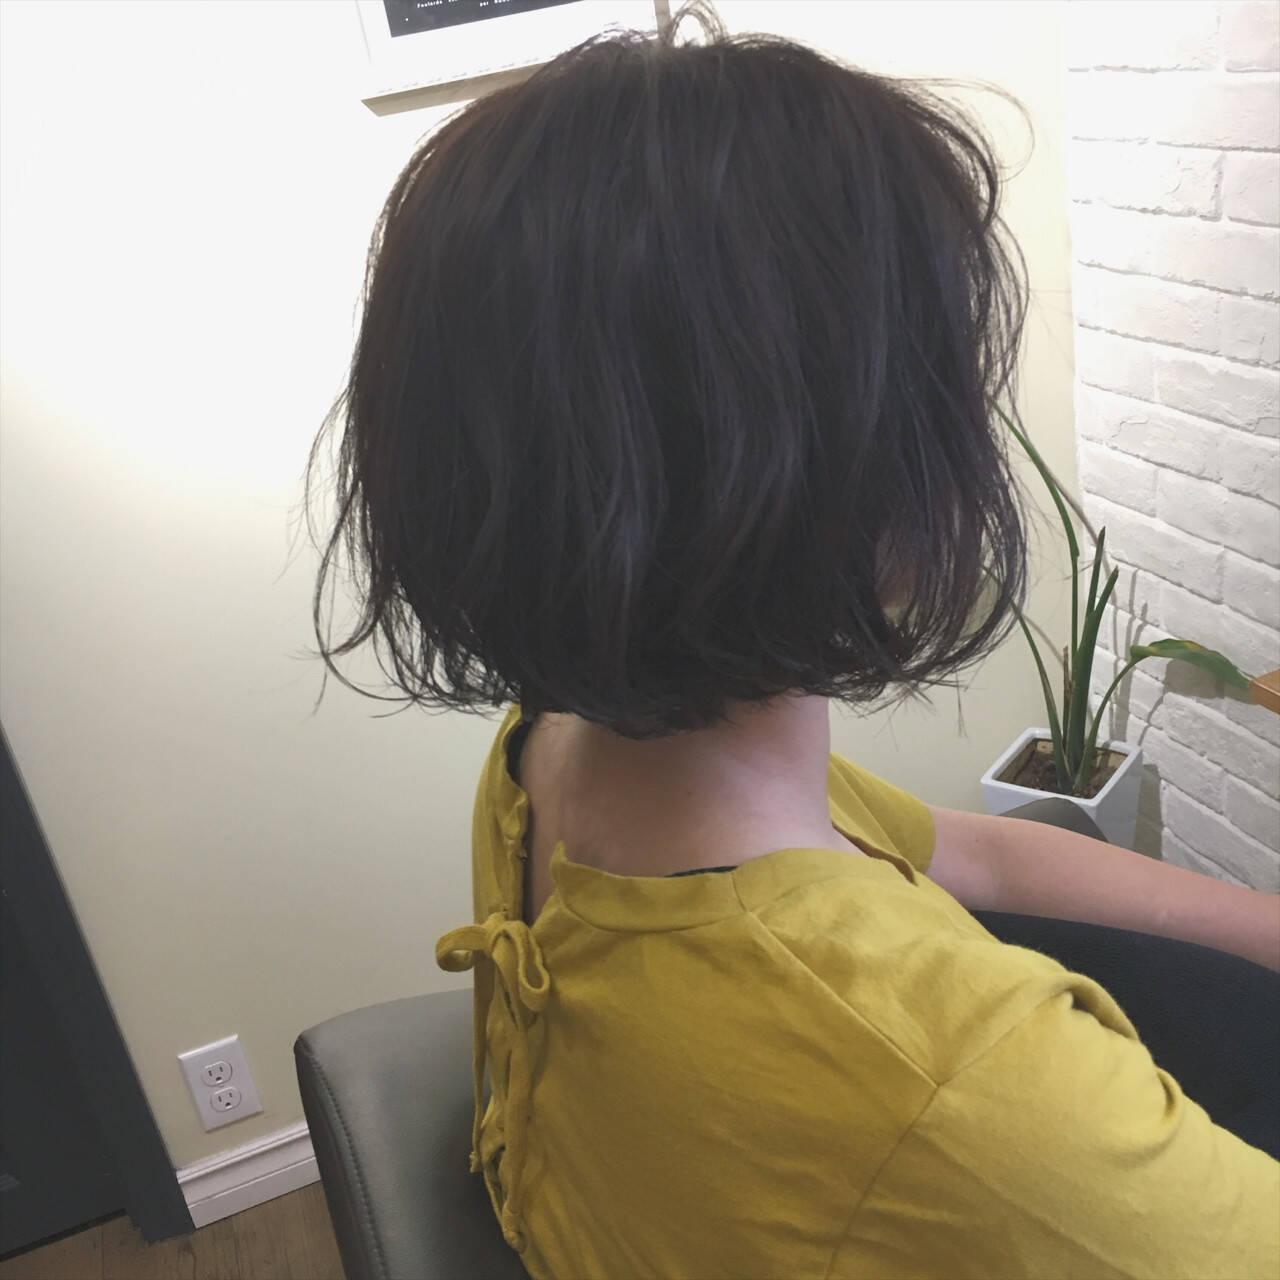 ナチュラル ニュアンス ショート パーマヘアスタイルや髪型の写真・画像